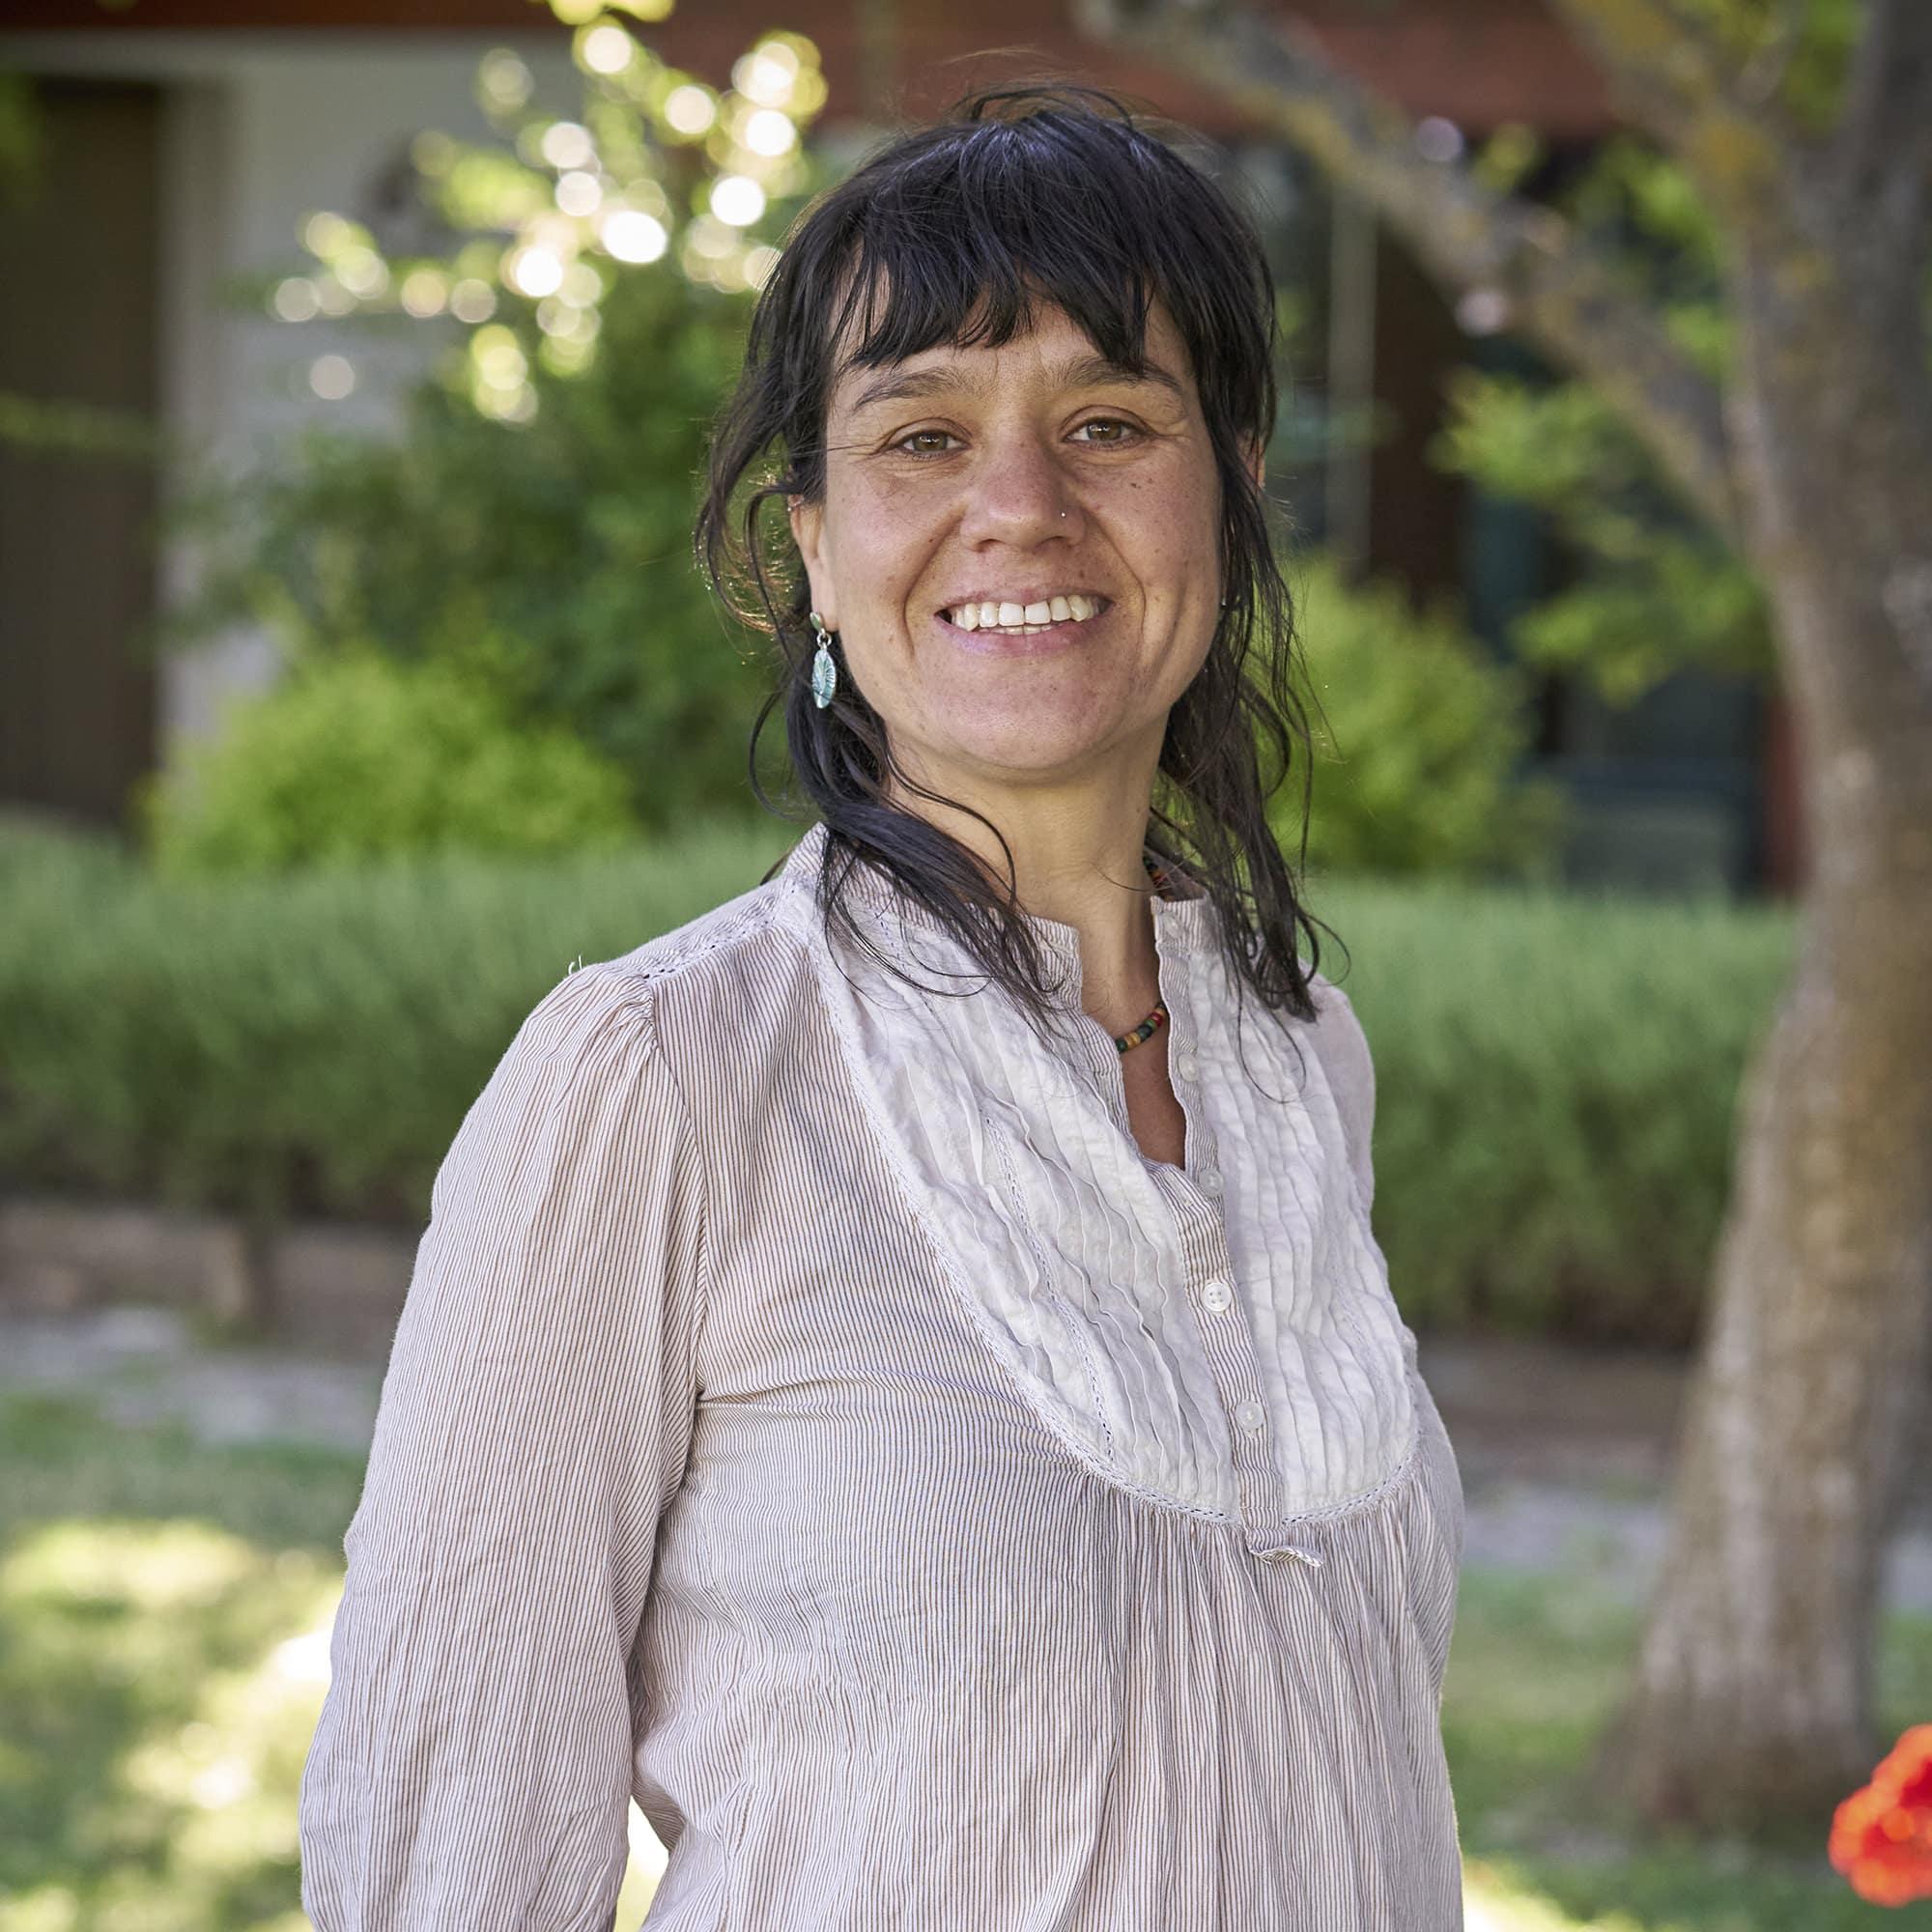 Goizargi Marcilla Lopez de Dicastillo